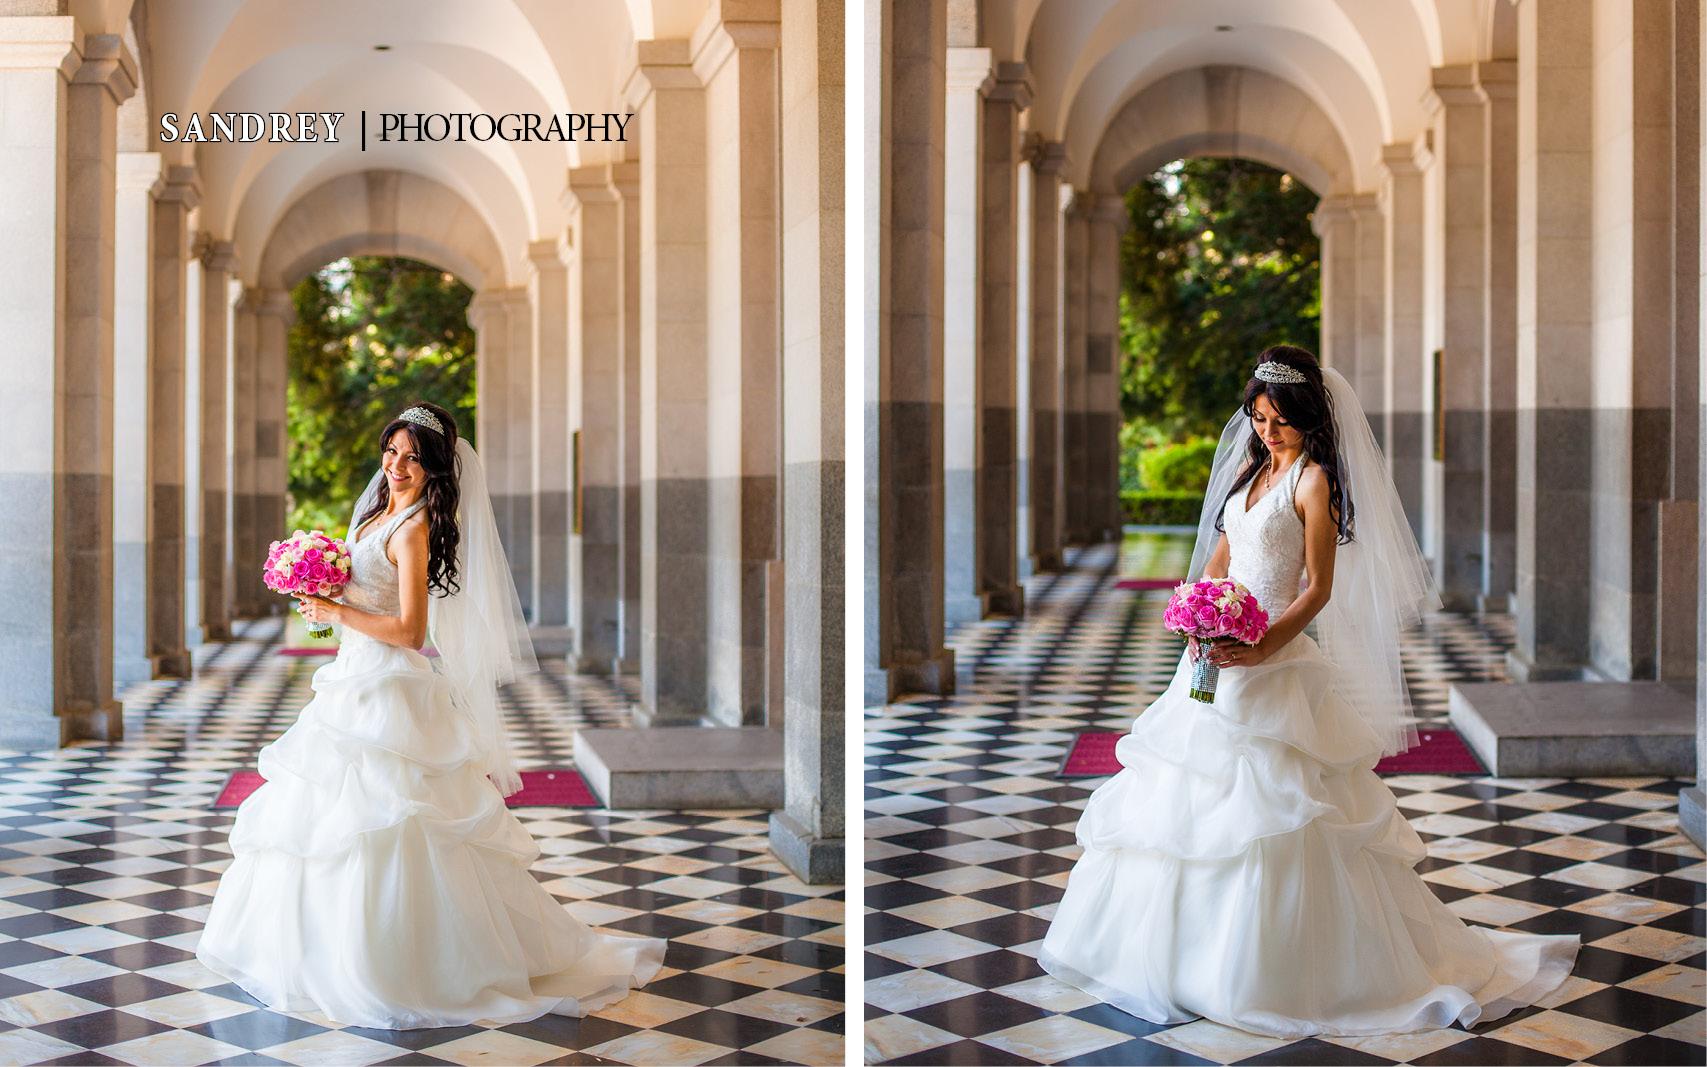 wedding-web-sandreyphotography-II7